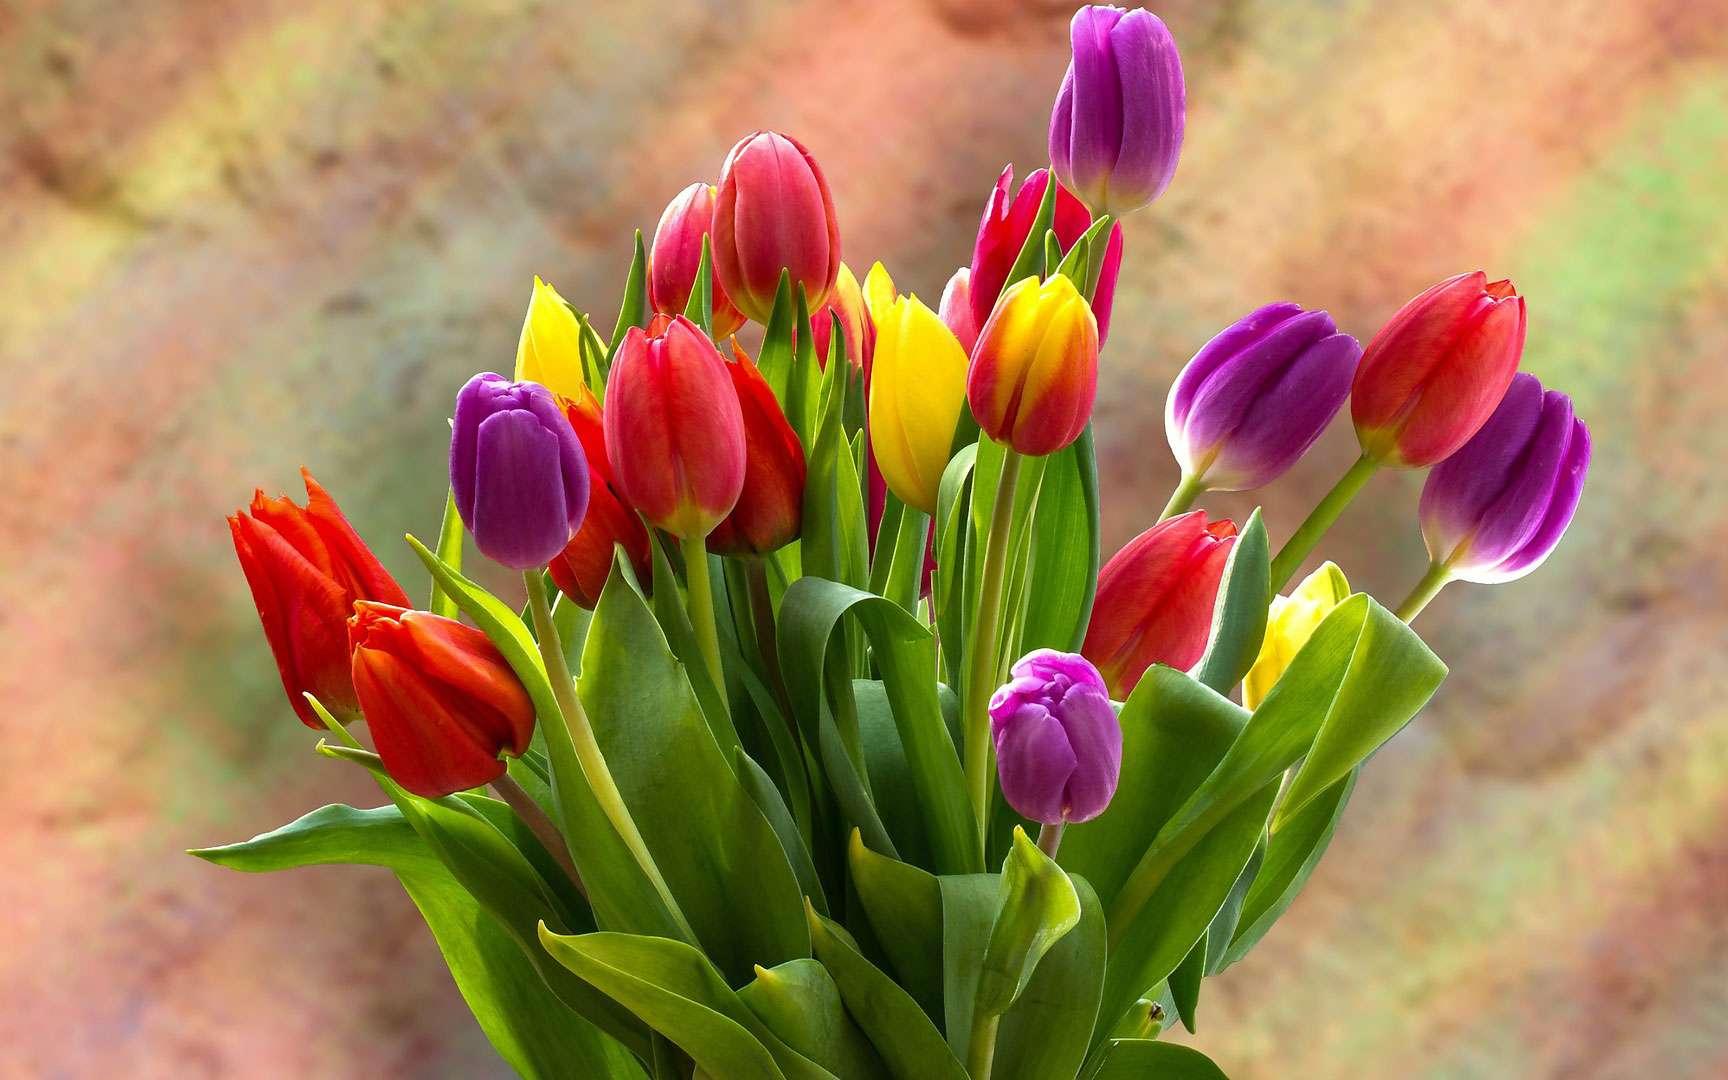 La tulipe, une bulbeuse raffinée. © Capri23auto, Pixabay, DP